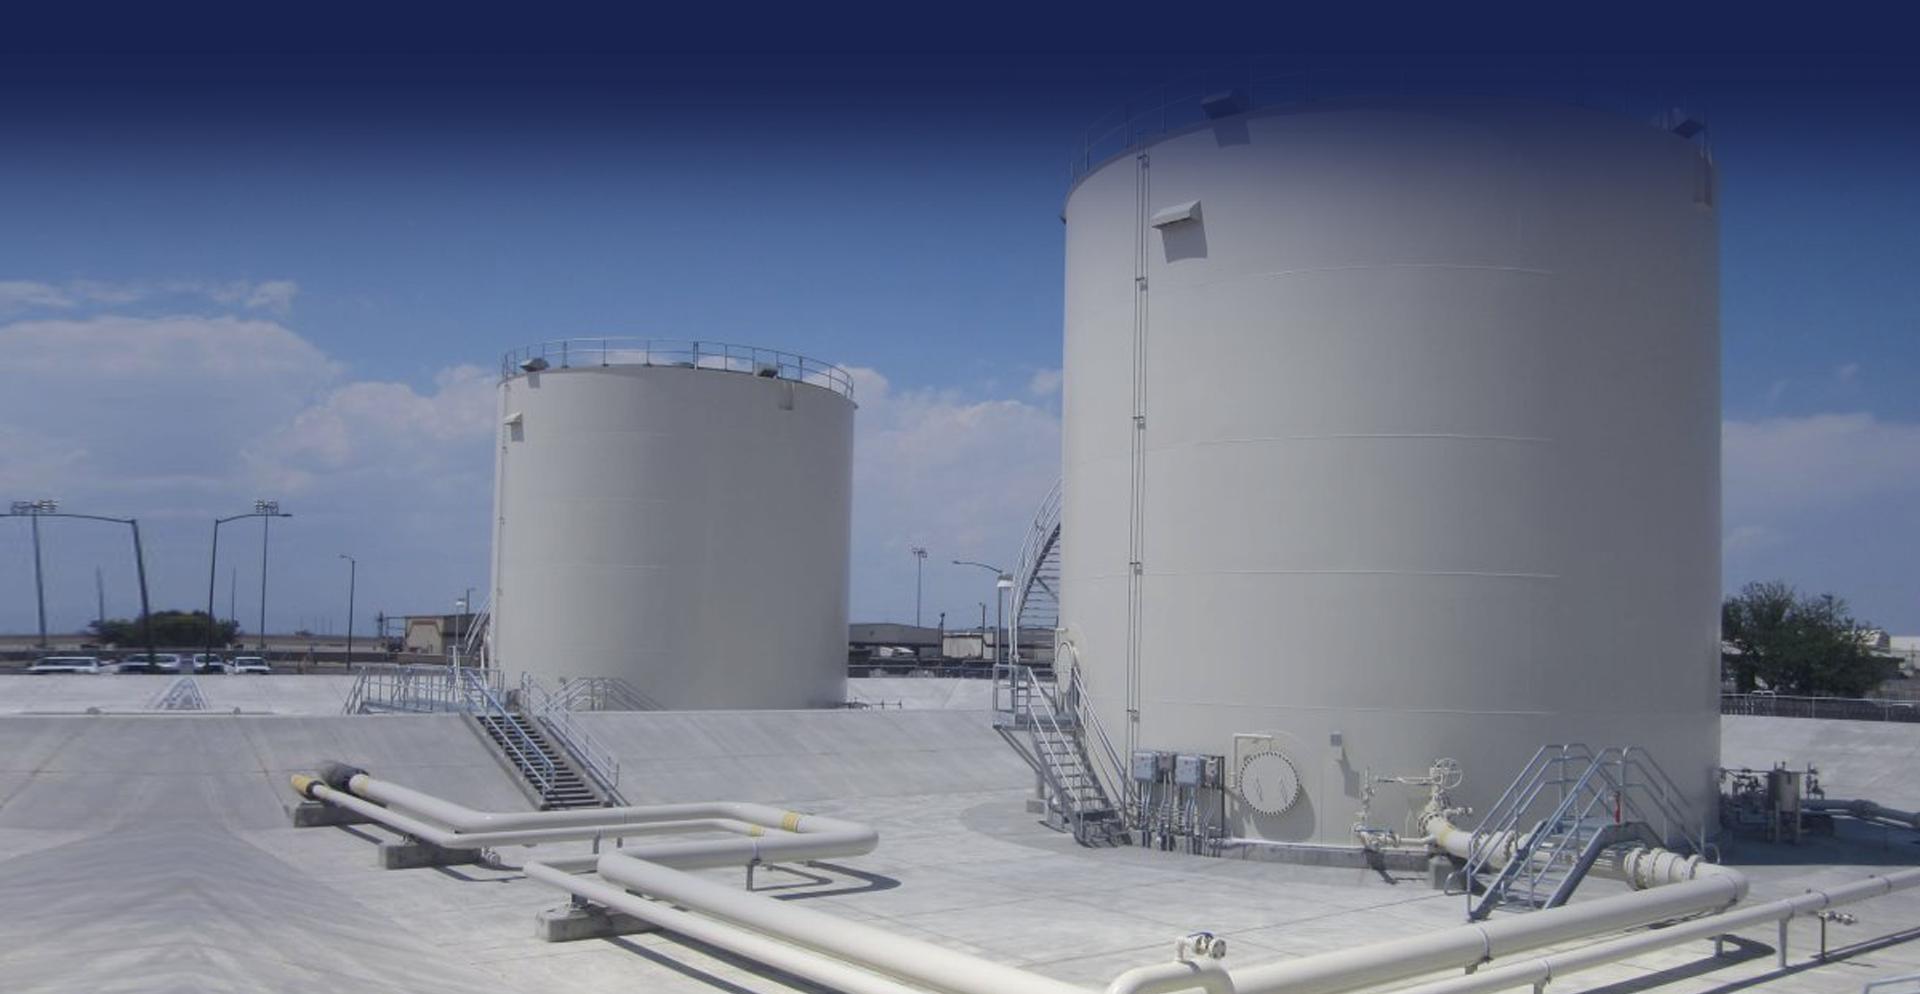 Hệ thống phủ epoxy Tar kháng hóa chất KERAGUARD ADG70